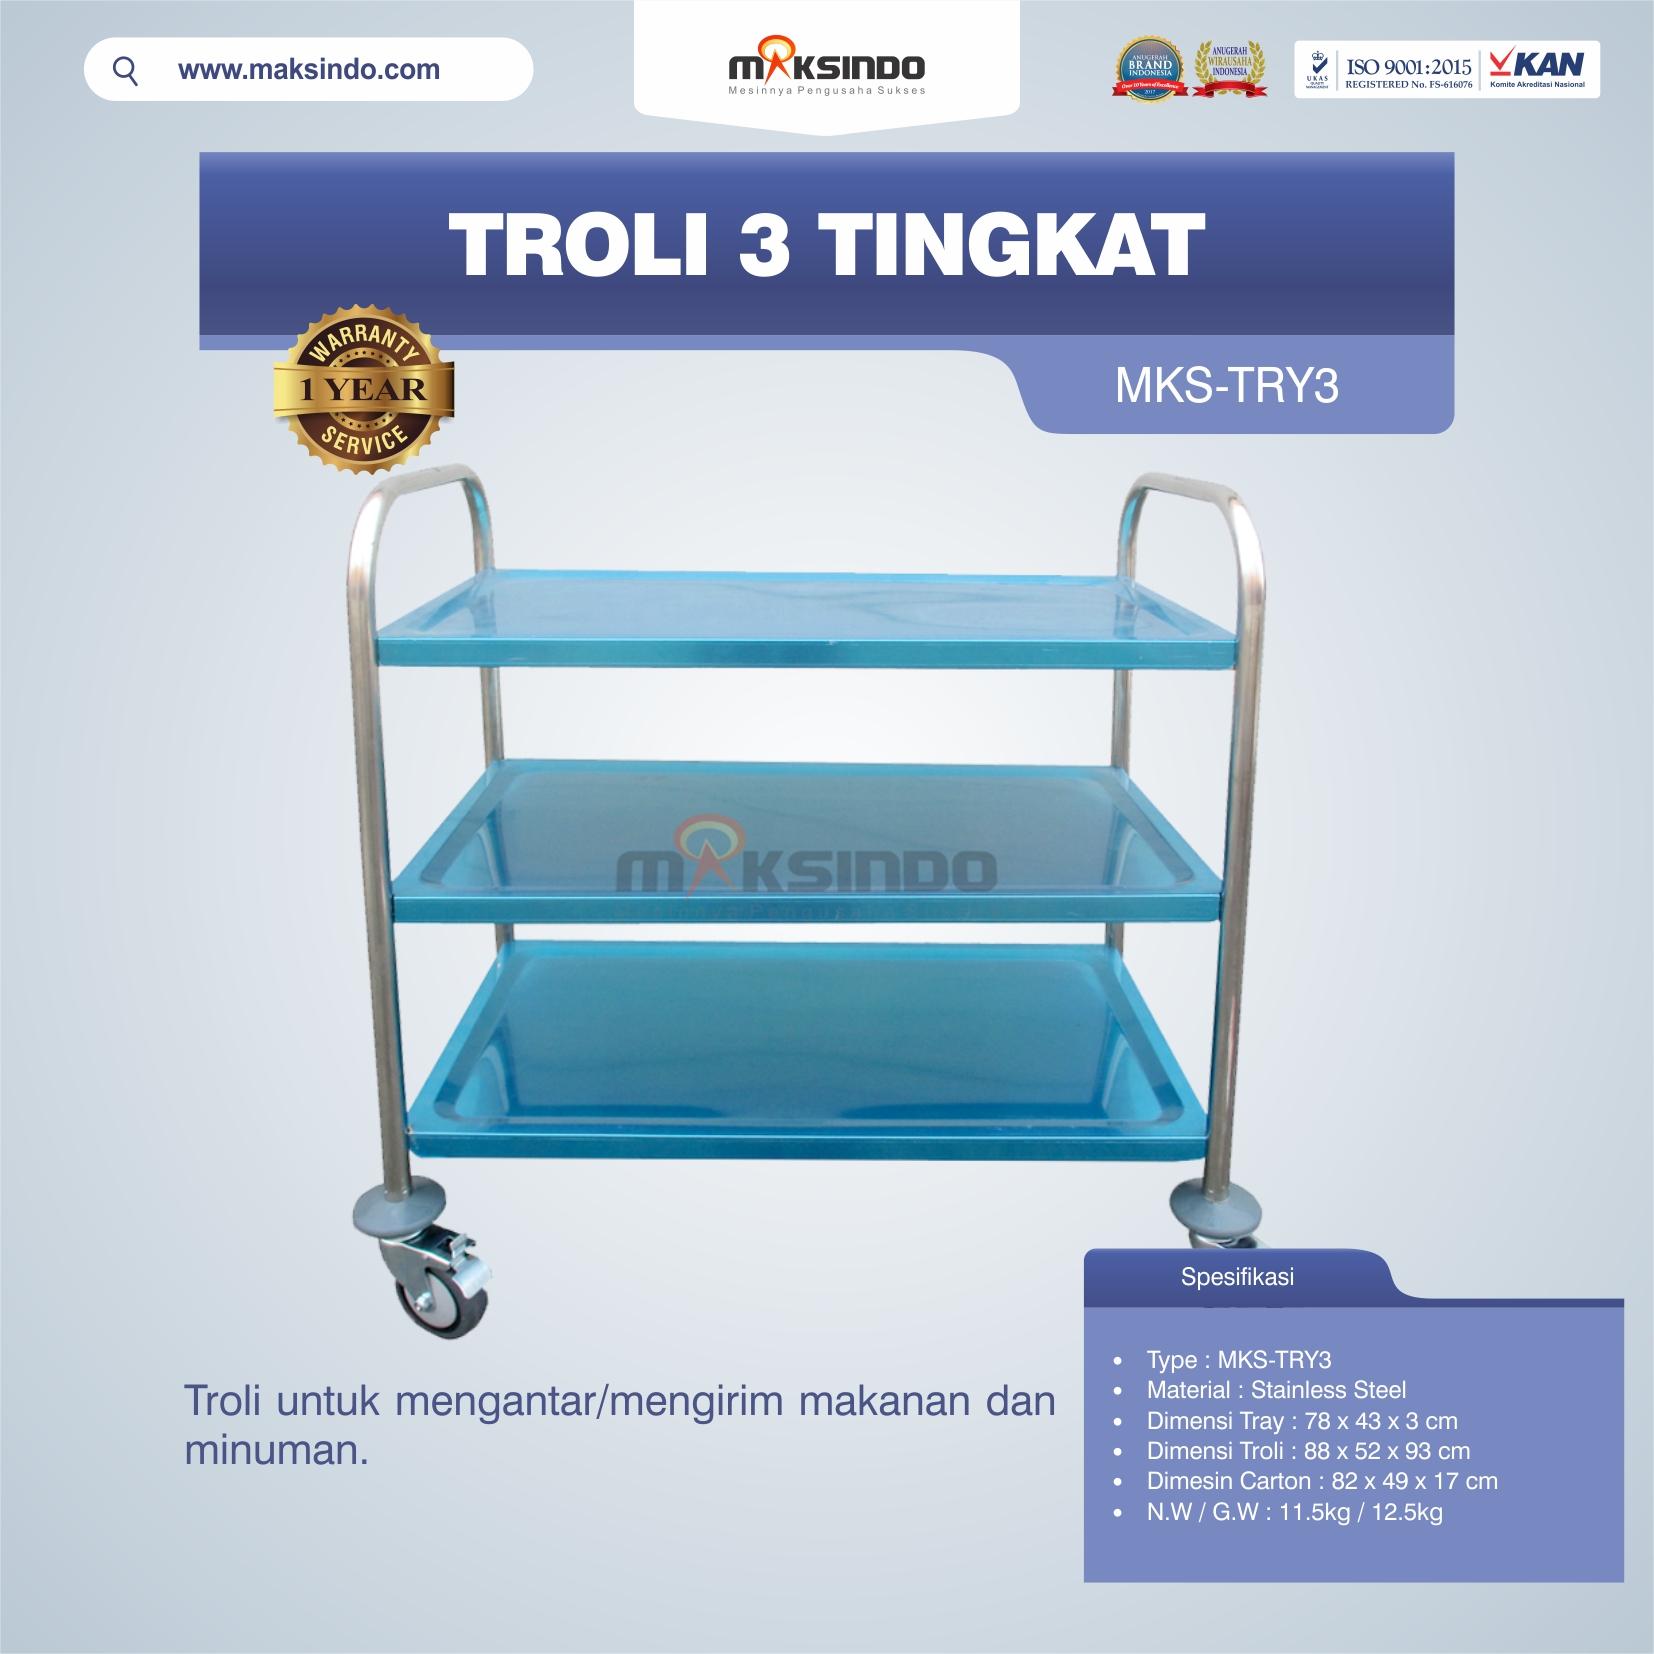 Jual Troli 3 Tingkat MKS-TRY3 di Banjarmasin